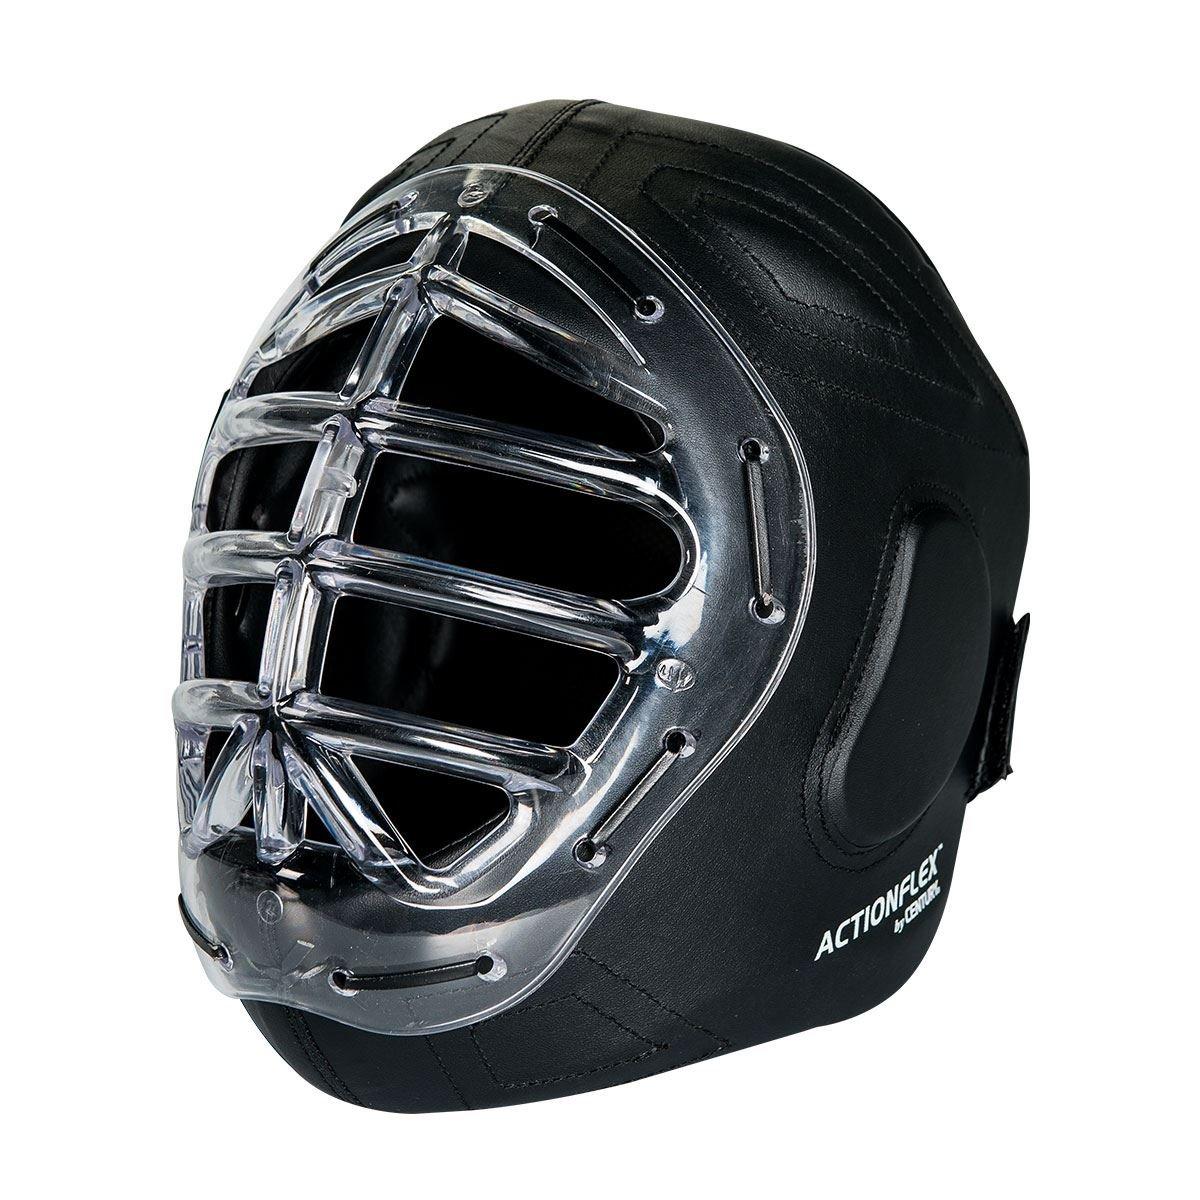 世紀Martial Arts Headgear Protective ActionFlex Protective Headgear 世紀Martial B01053EZZC, 犬服通販*じゃんぐるぺっと:8a1264ef --- capela.dominiotemporario.com